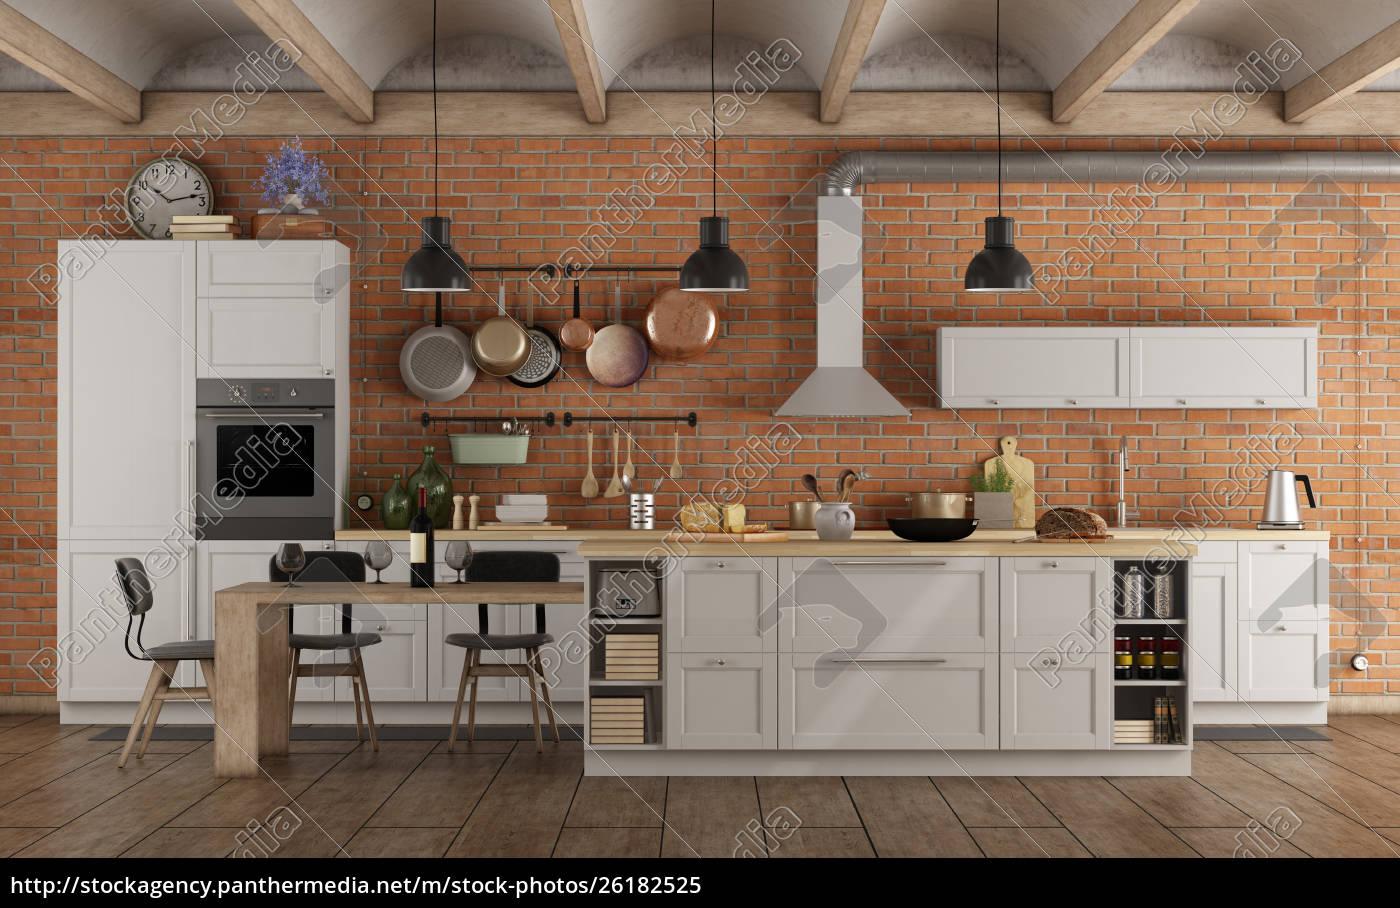 Full Size of Weiße Küche Obi Einbauküche Hängeschrank Glastüren Holz Weiß Stehhilfe Sitzecke Vorhang Gebrauchte Landküche Verkaufen Vollholzküche Led Deckenleuchte Küche Weiße Küche